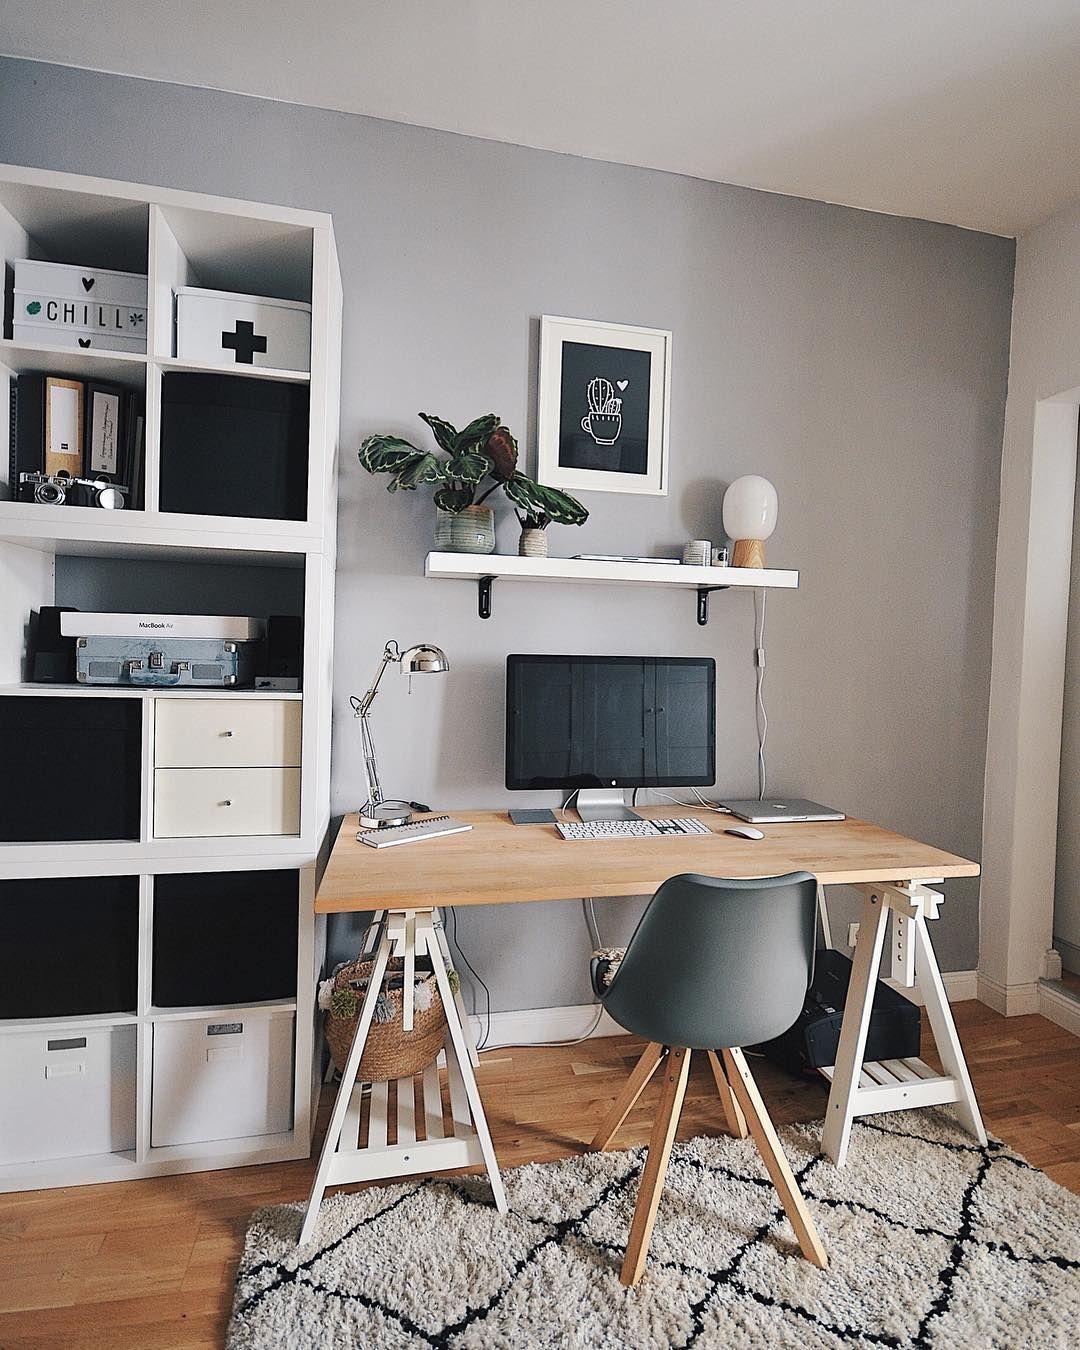 So richtest du dir ein instagram-taugliches Arbeitszimmer ein